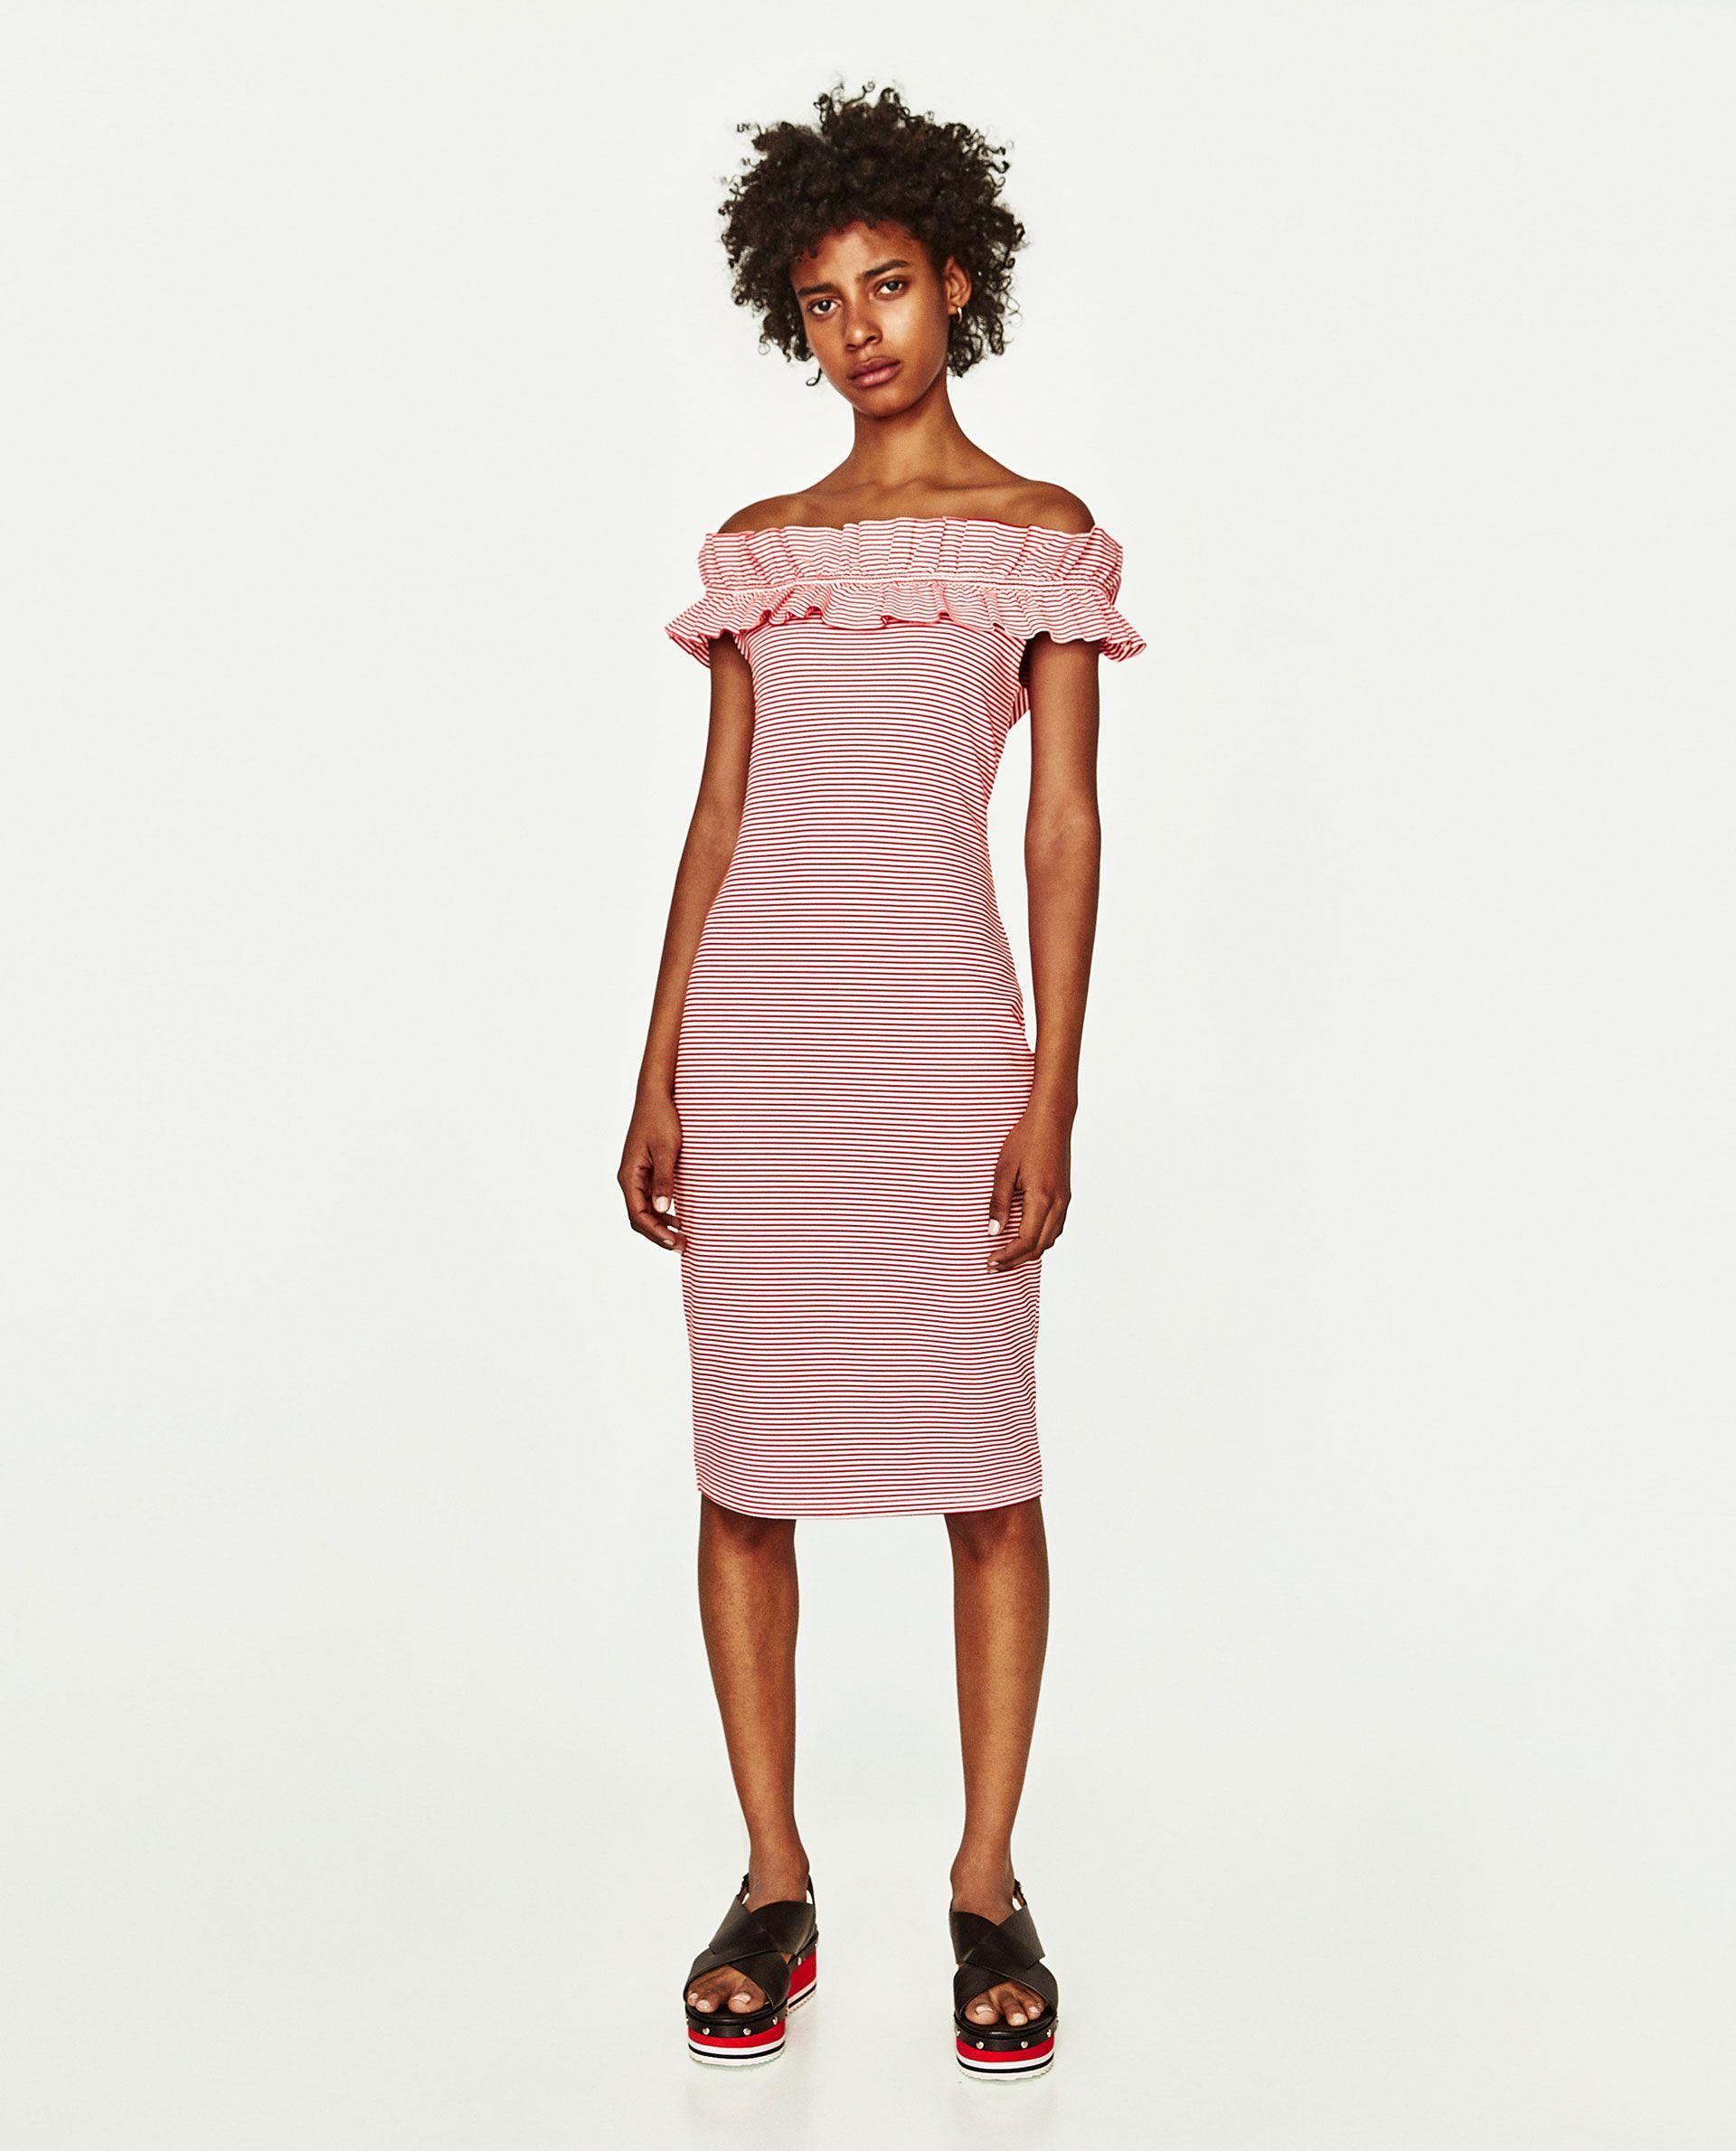 Image 2 of OFF-THE SHOULDER DRESS from Zara | Swipe swipe | Pinterest